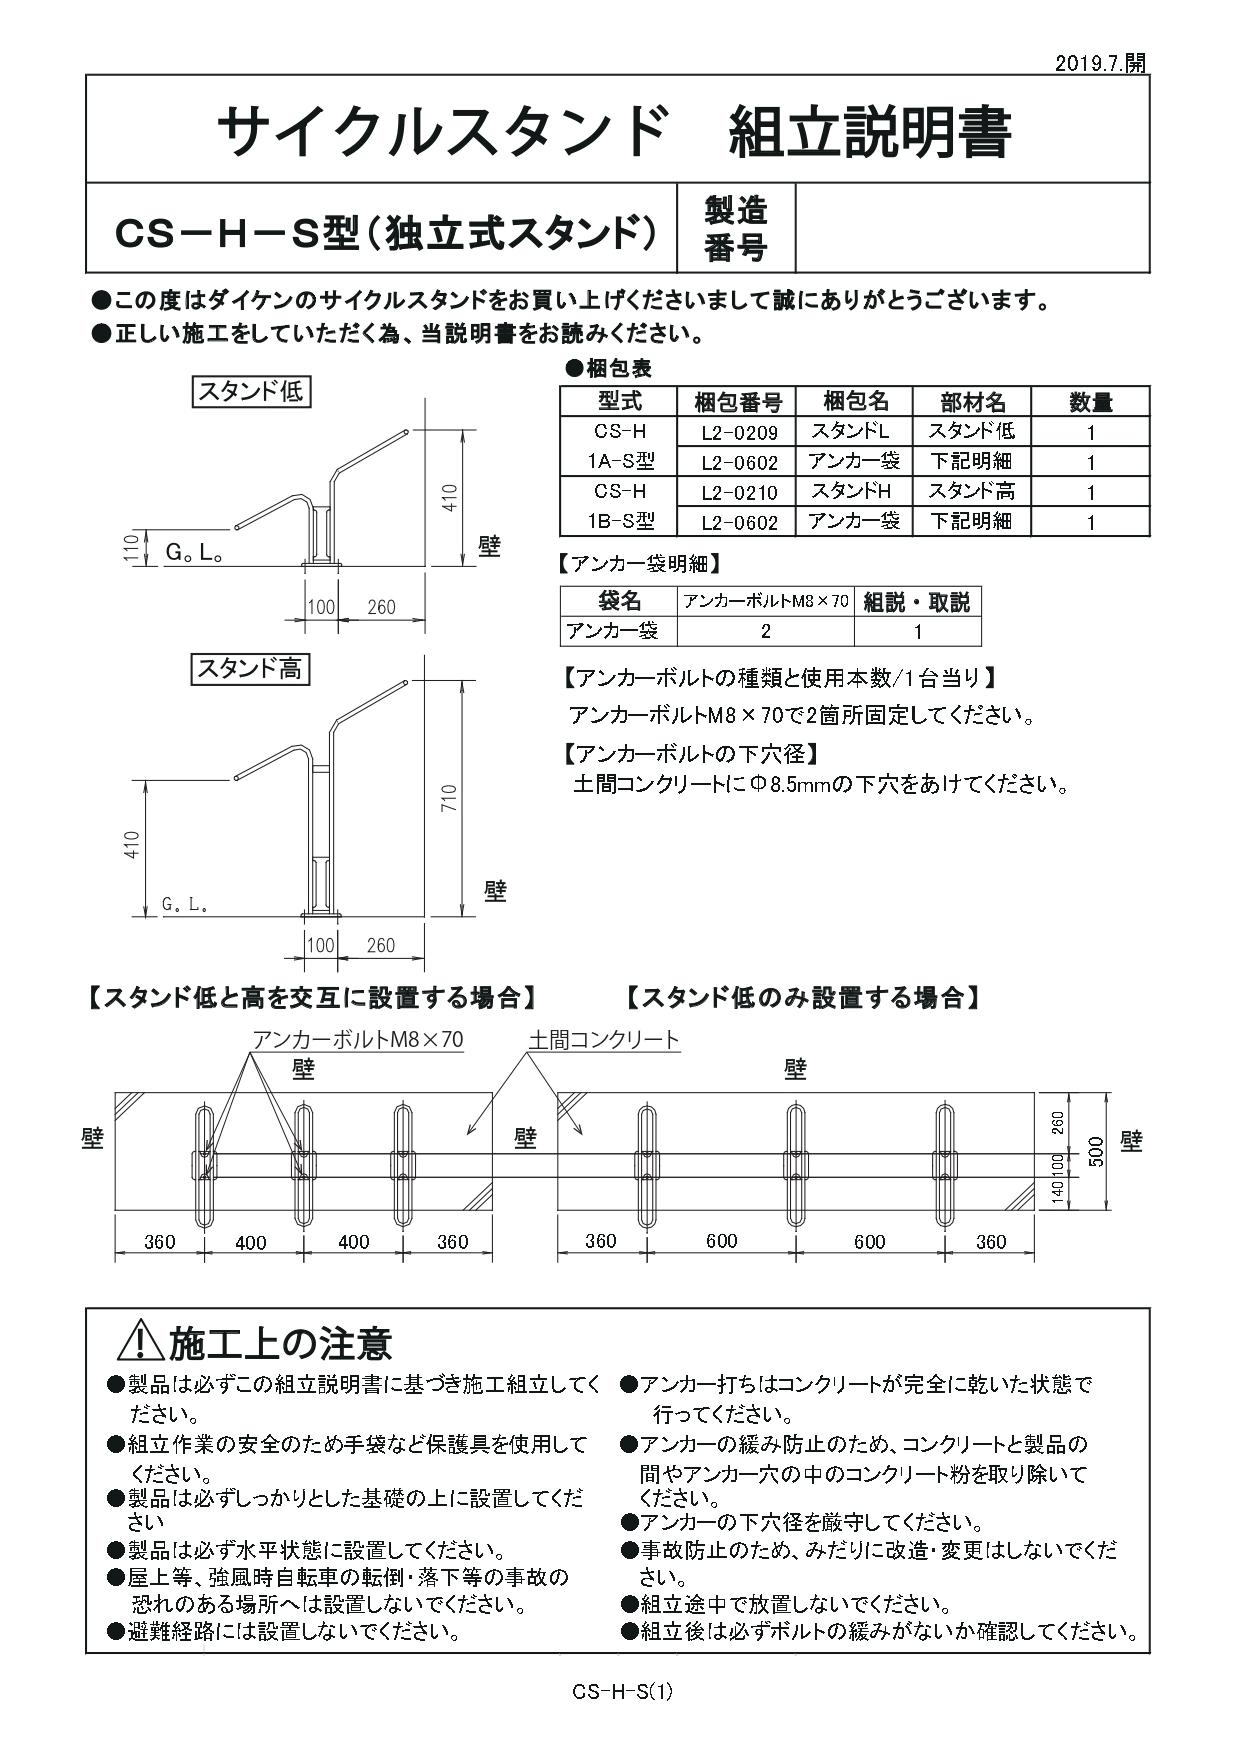 独立式スタンドCS-H 施工説明書_page-0001